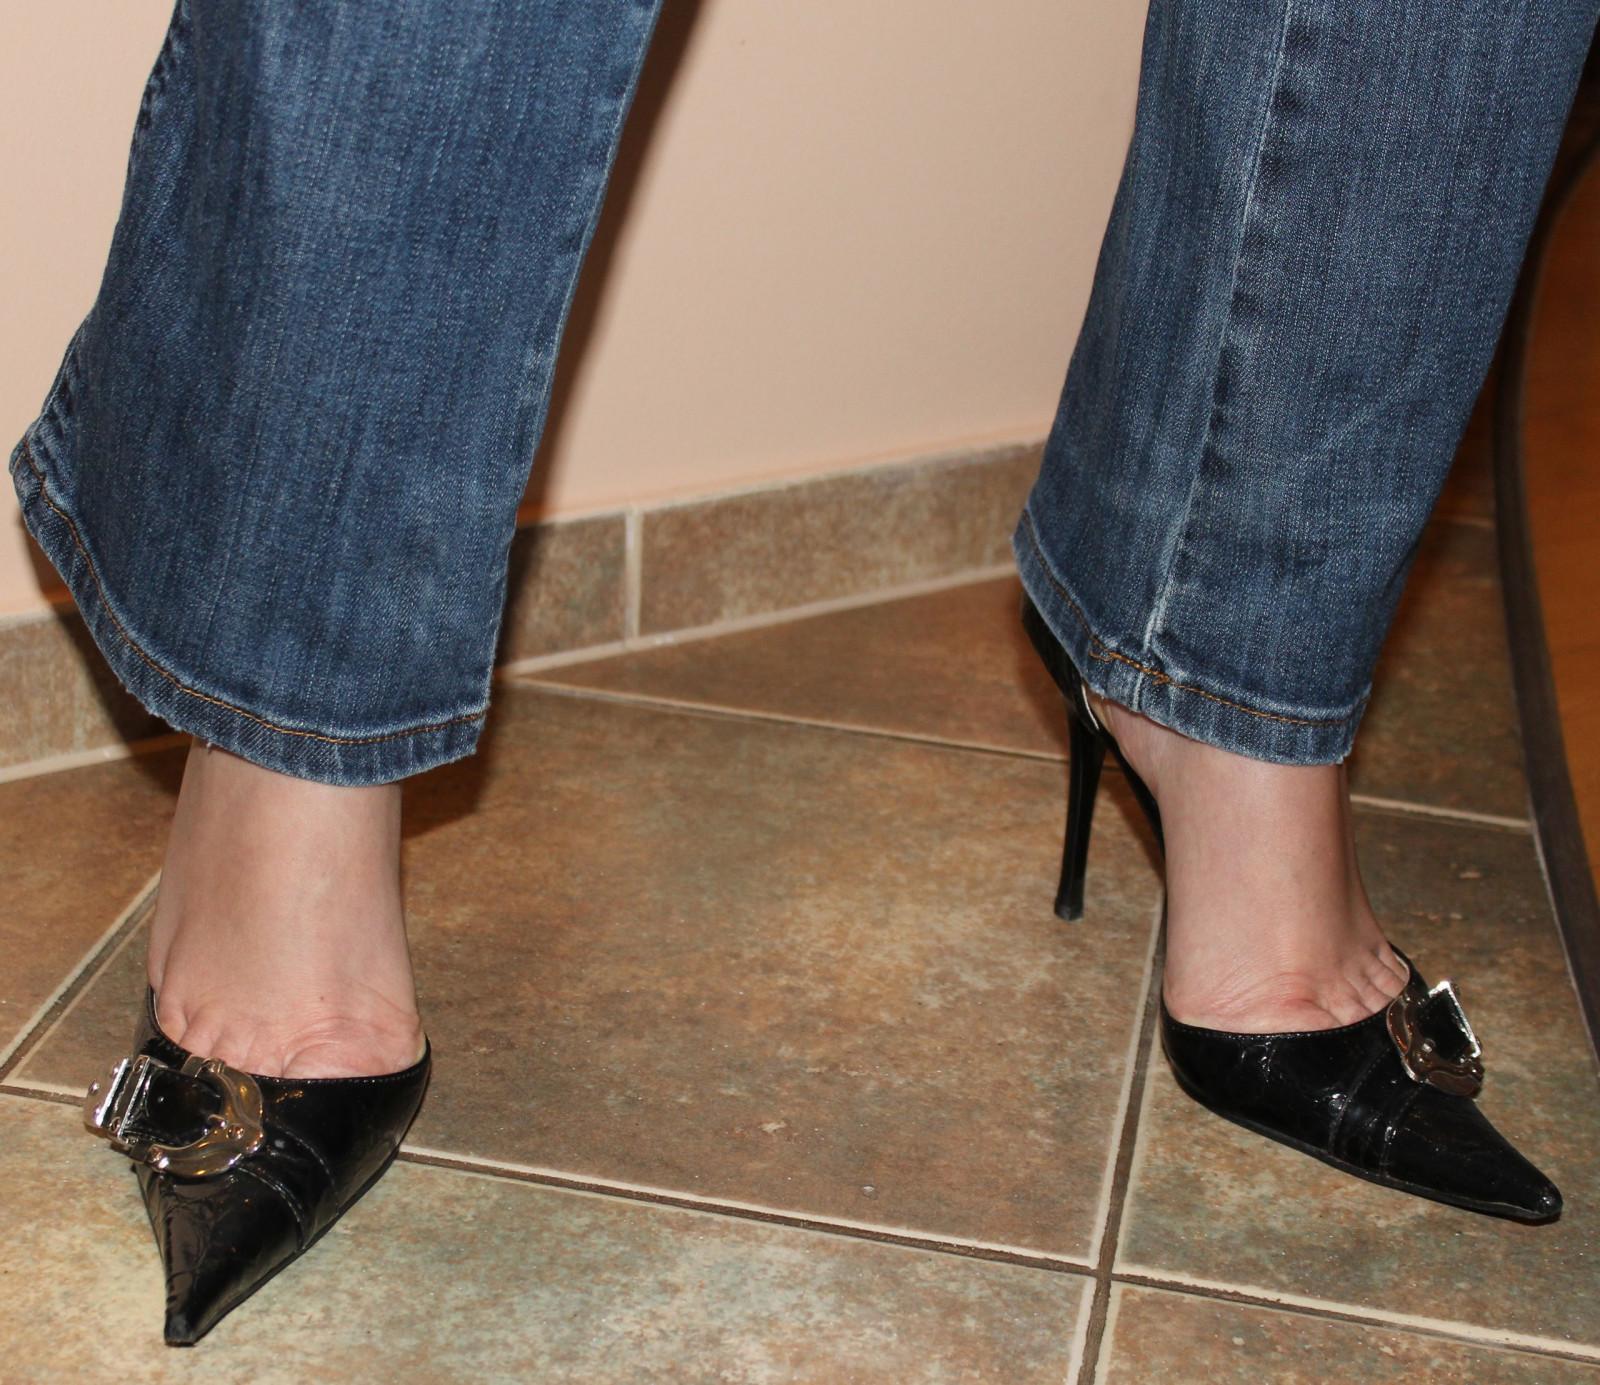 Cum Under High Heel Shoe